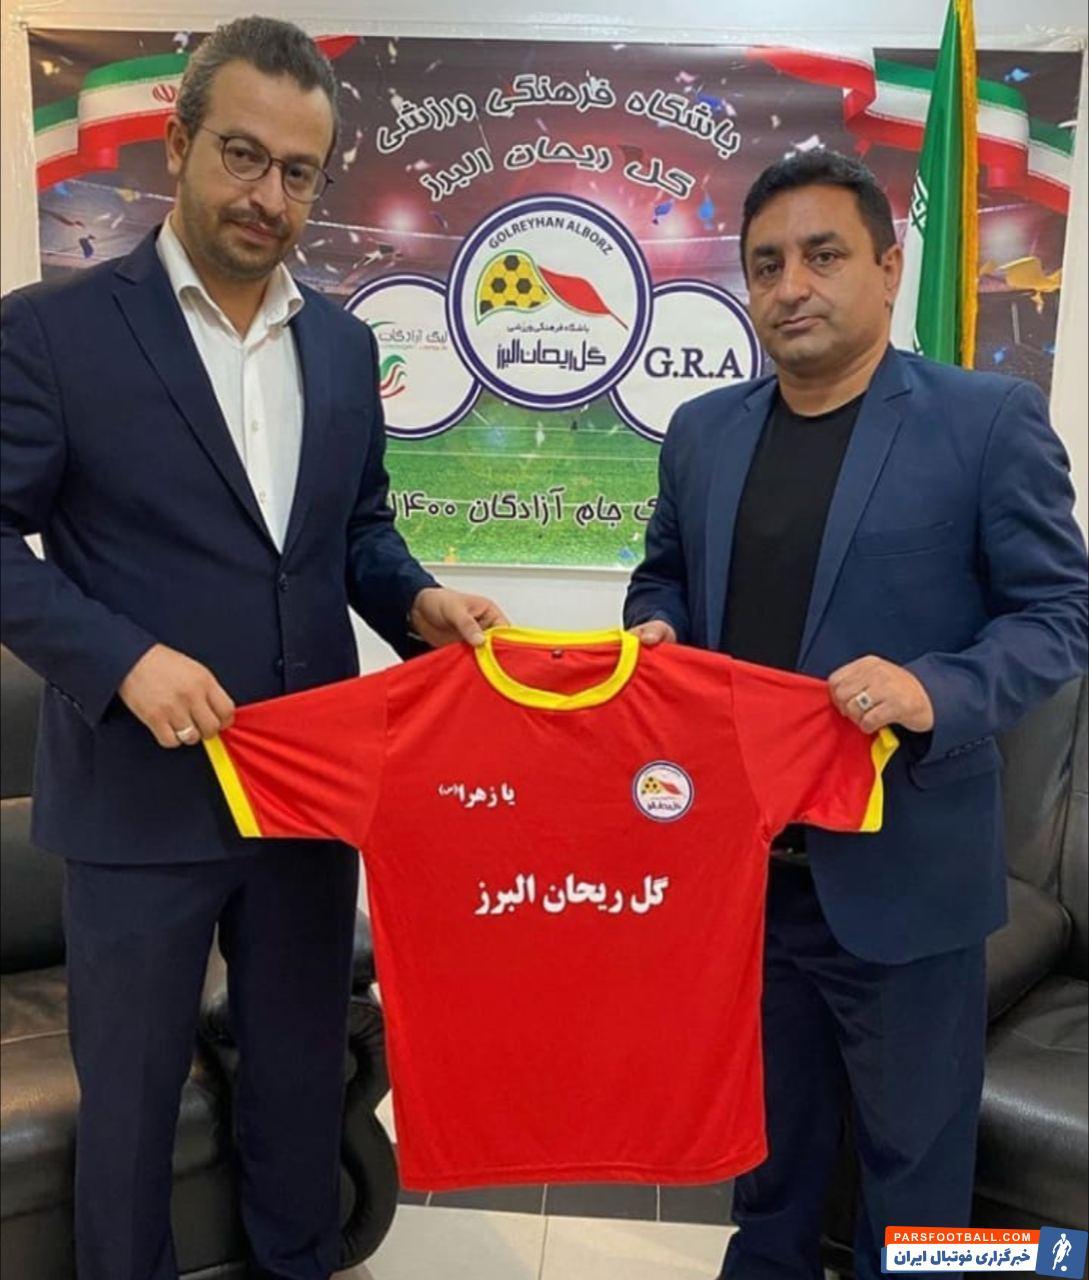 ساعاتی از استعفای علی لطیفی نگذشت و مدیران باشگاه گل ریحان البرز مهدی امیری سوادکوهی را به عنوان سرمربی این تیم معرفی کردند.